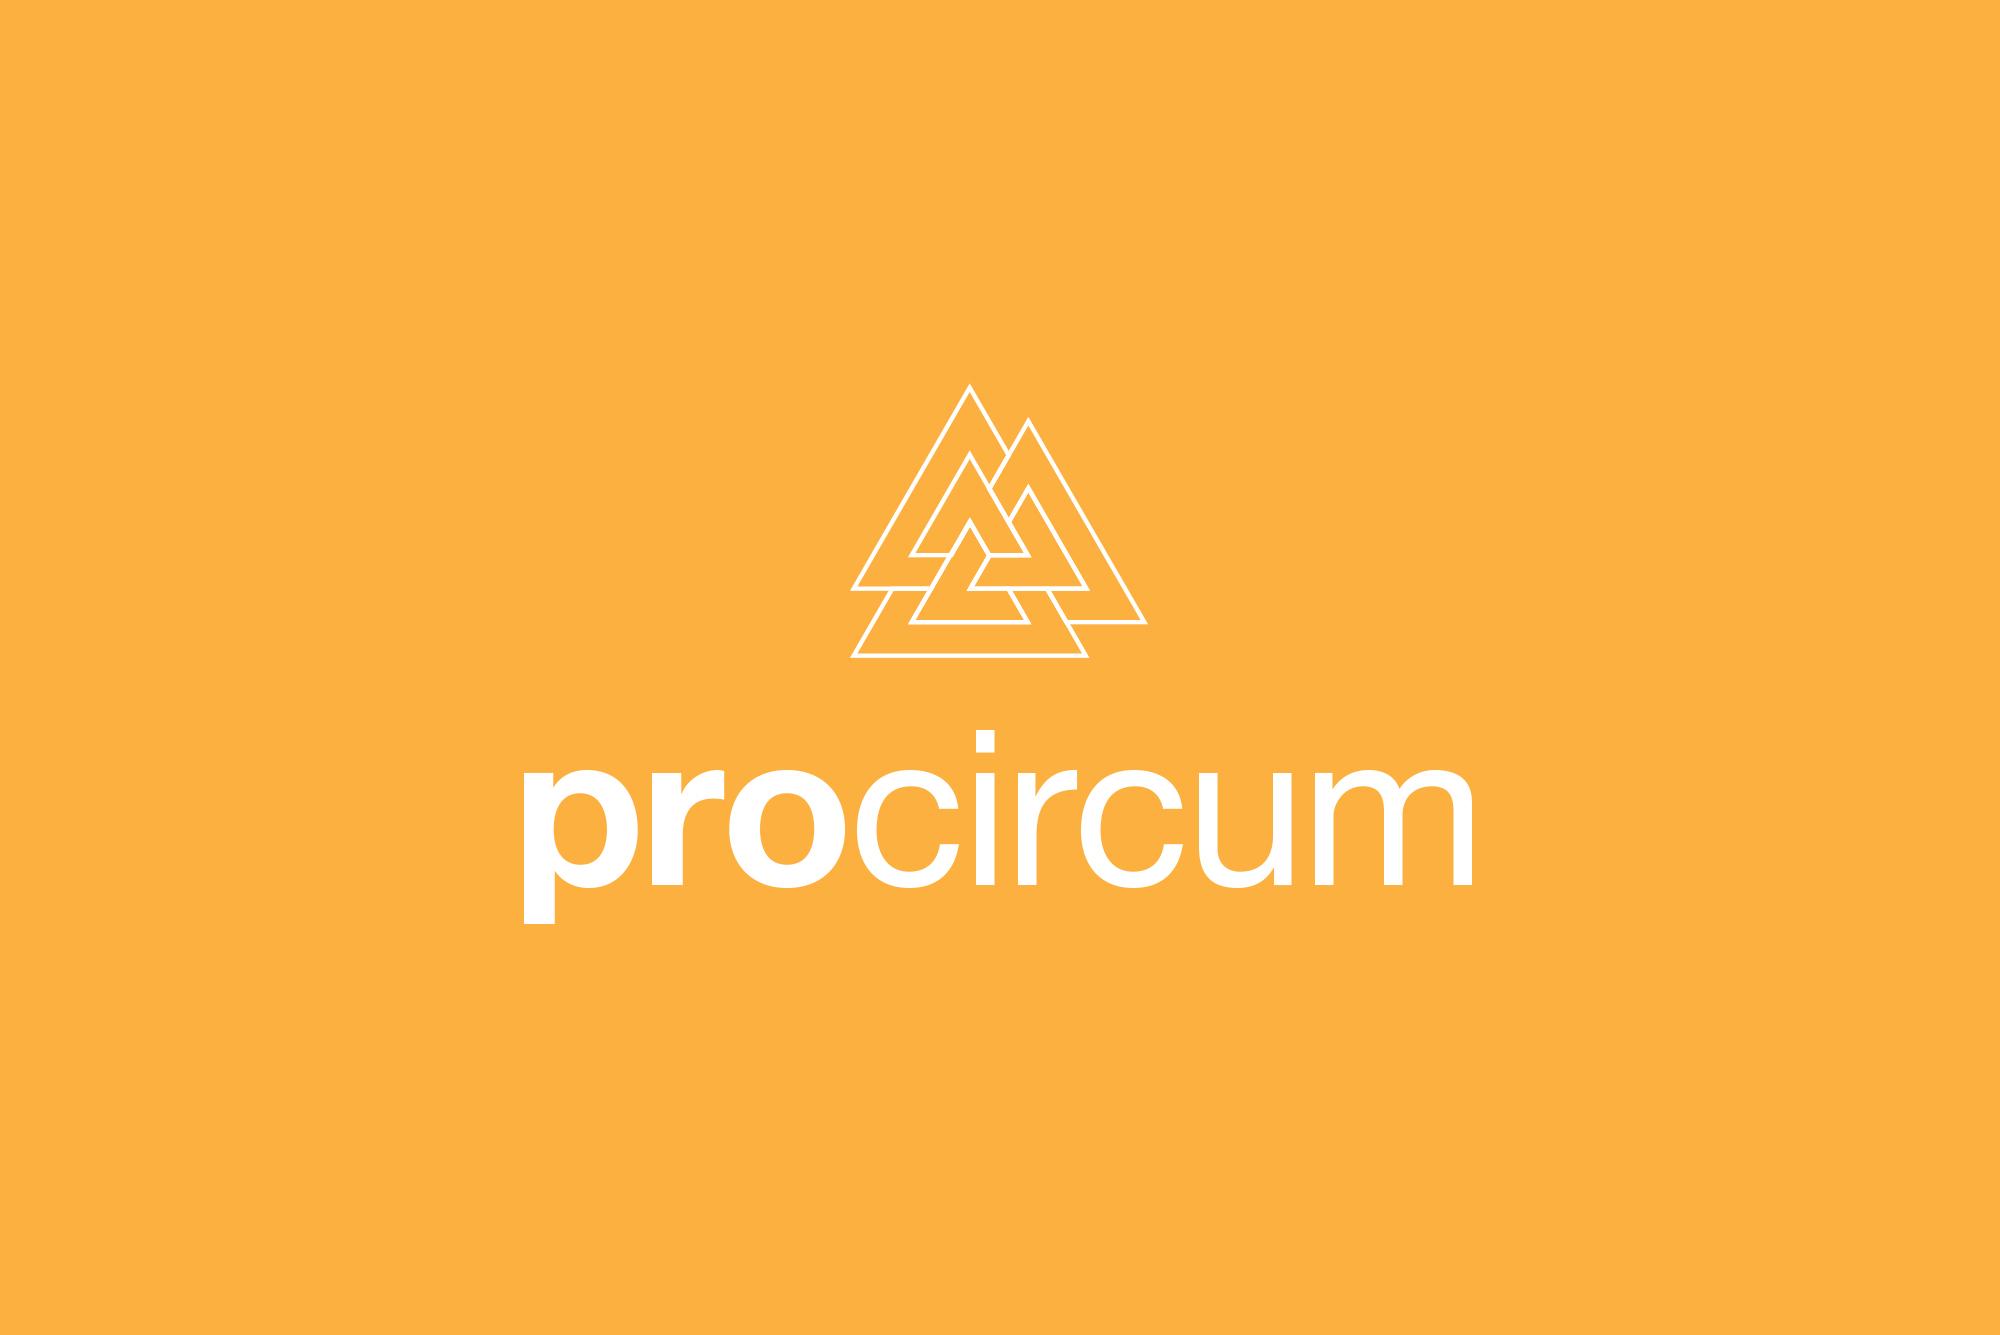 procircum